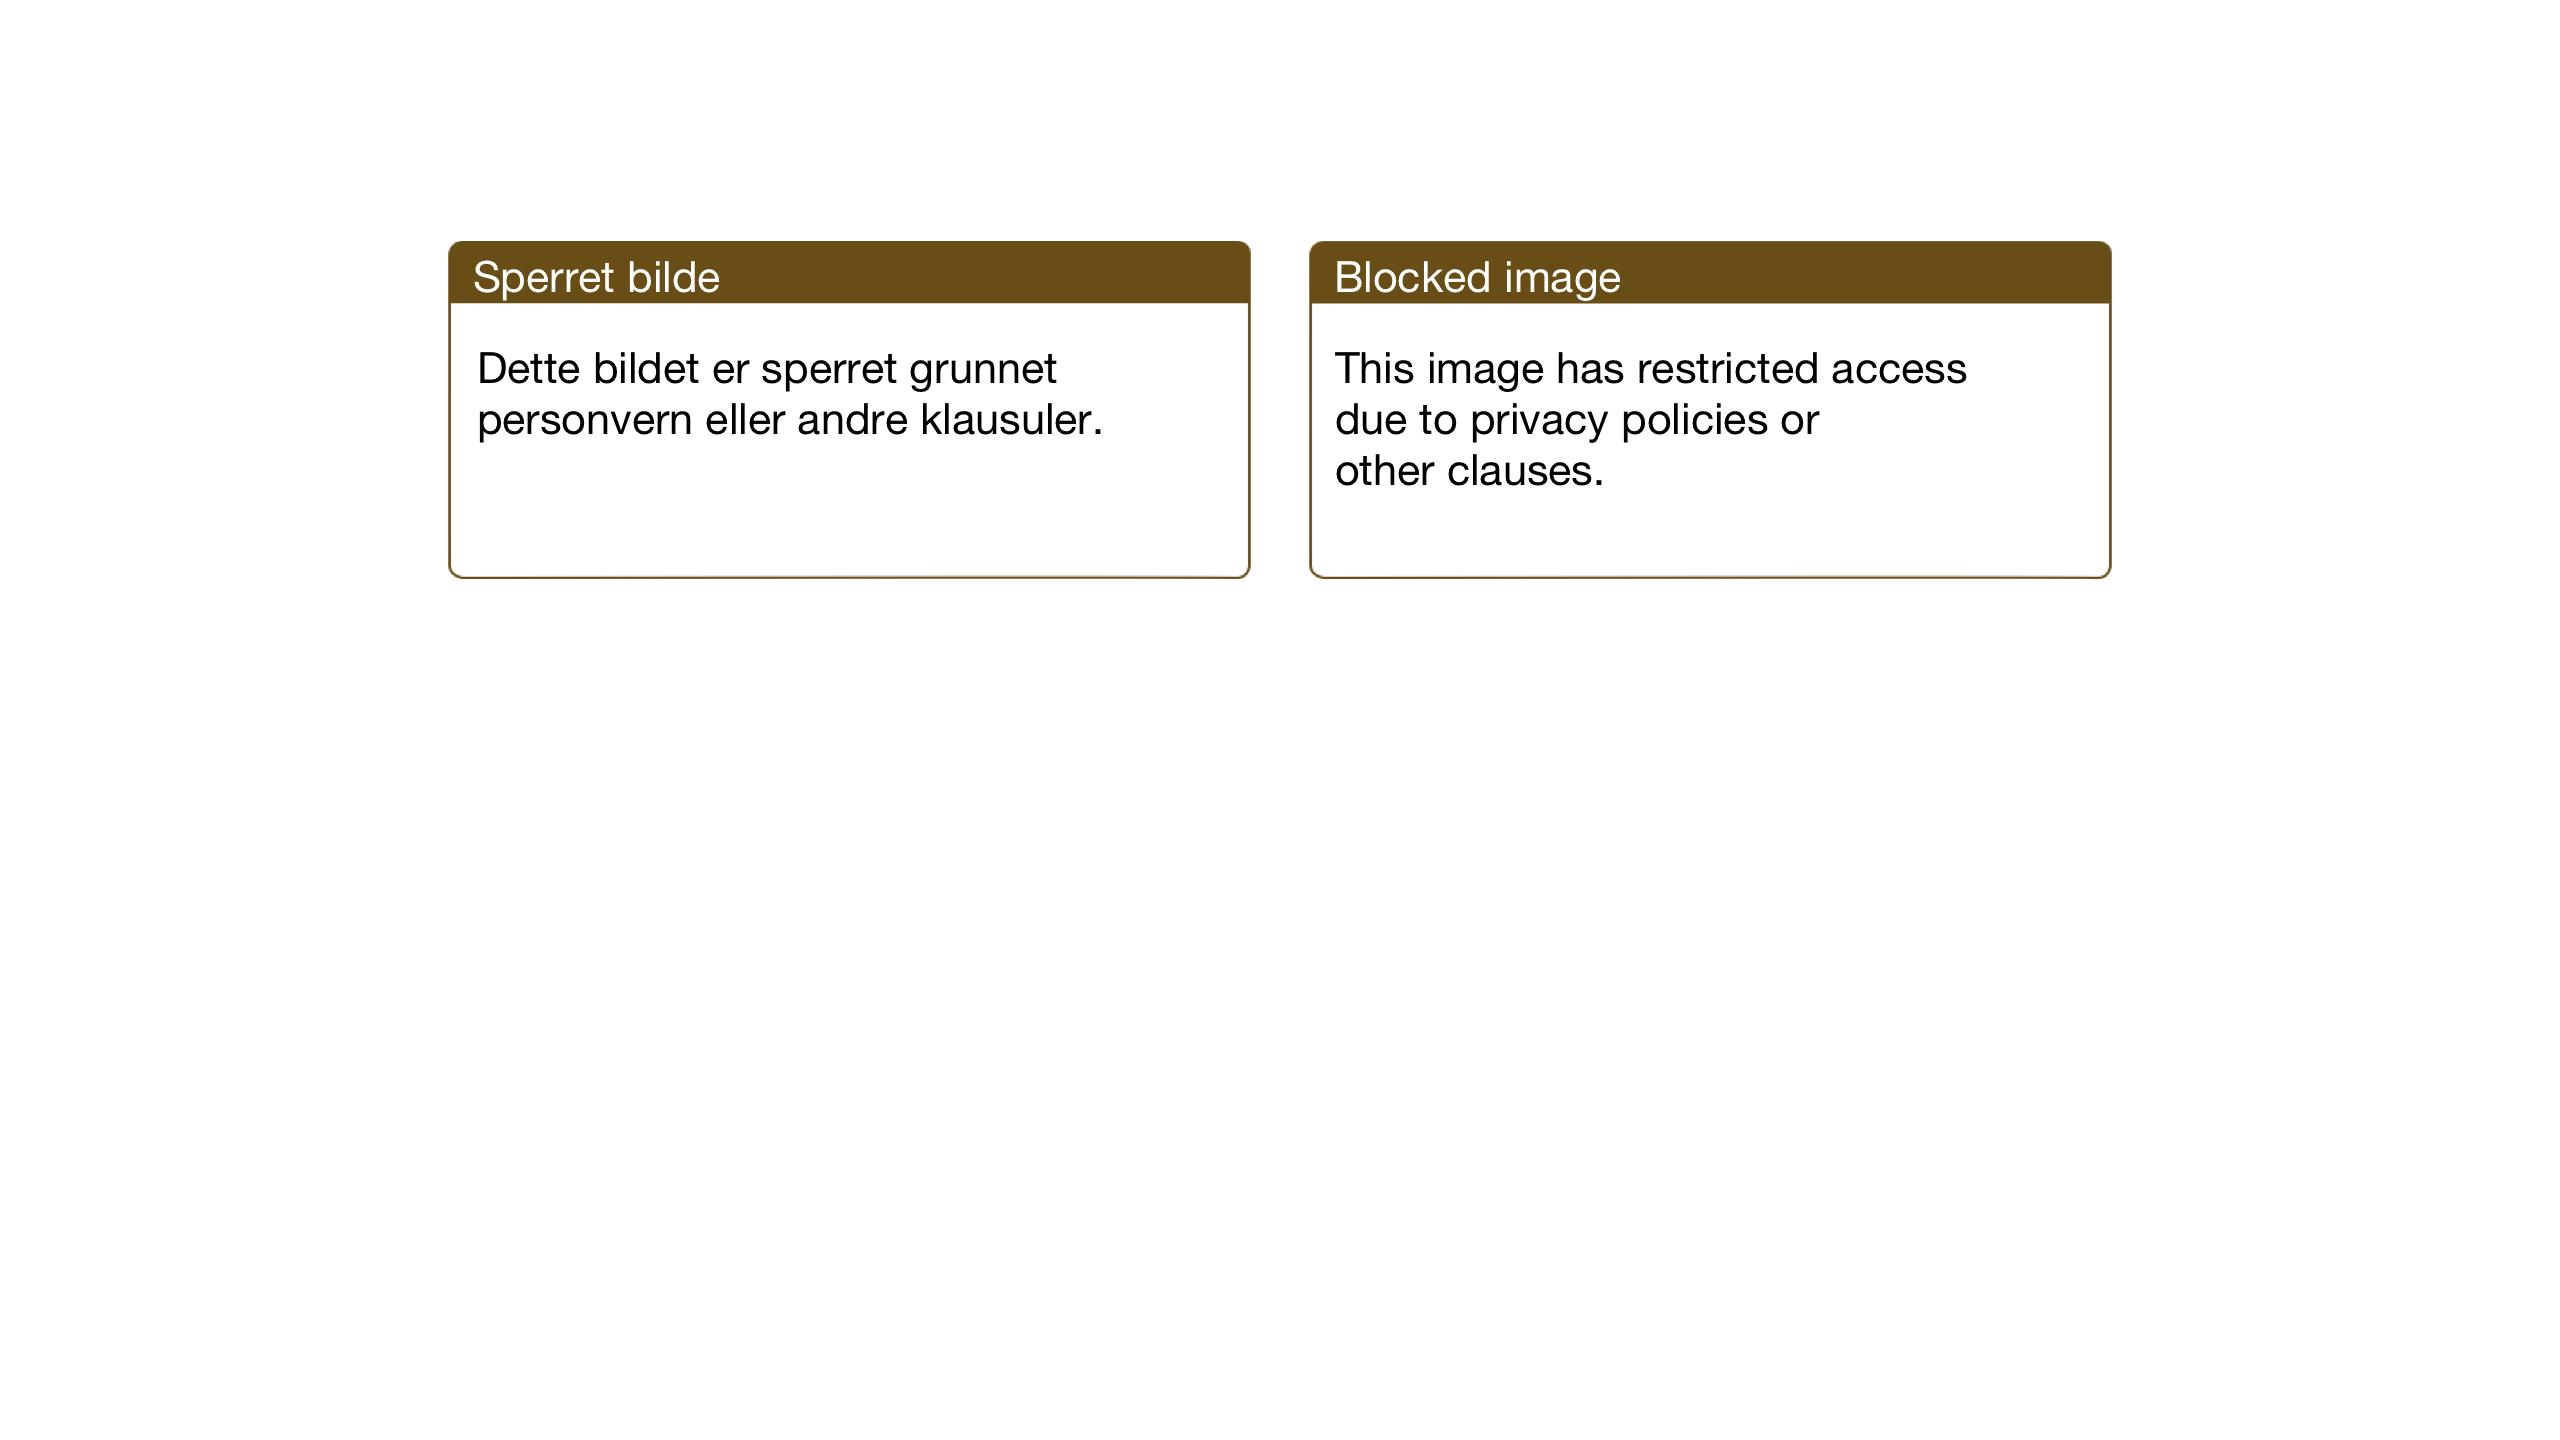 SAT, Ministerialprotokoller, klokkerbøker og fødselsregistre - Sør-Trøndelag, 698/L1169: Klokkerbok nr. 698C06, 1930-1949, s. 57